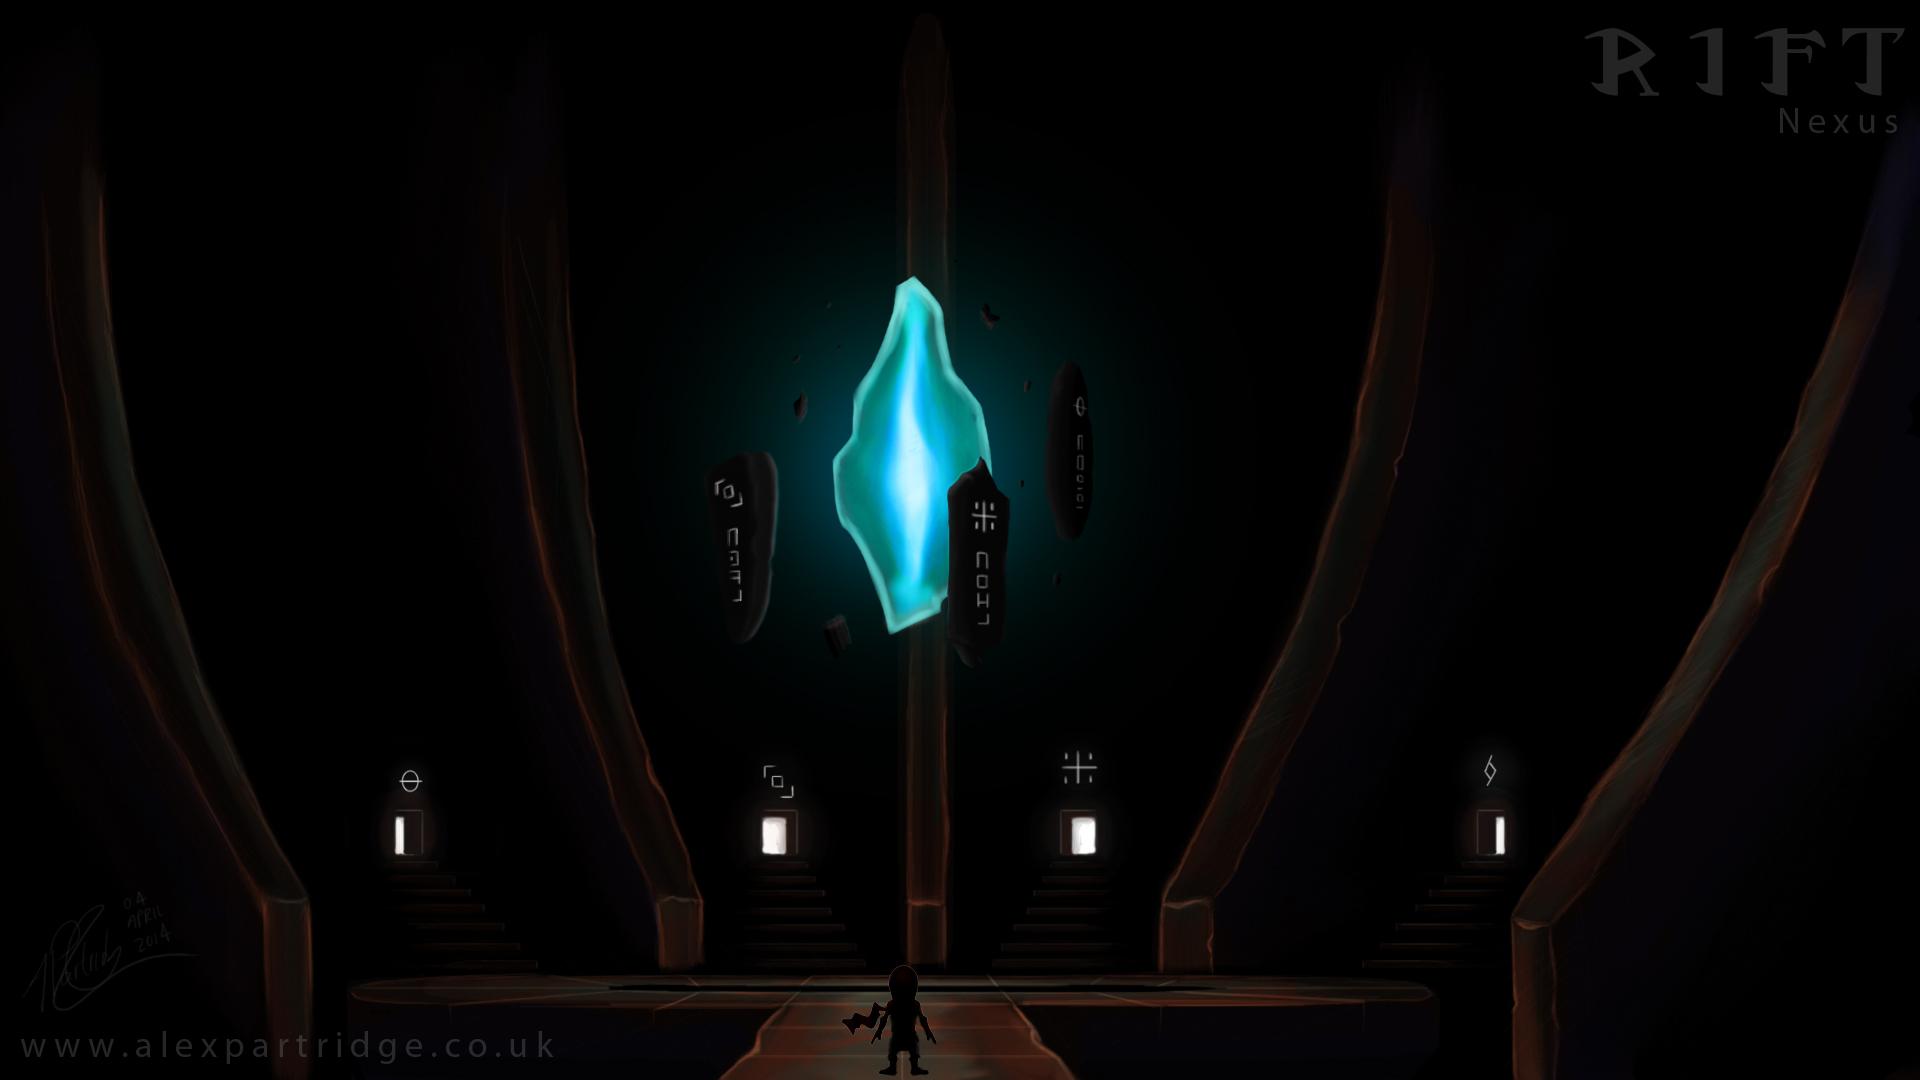 Rift - The Nexus